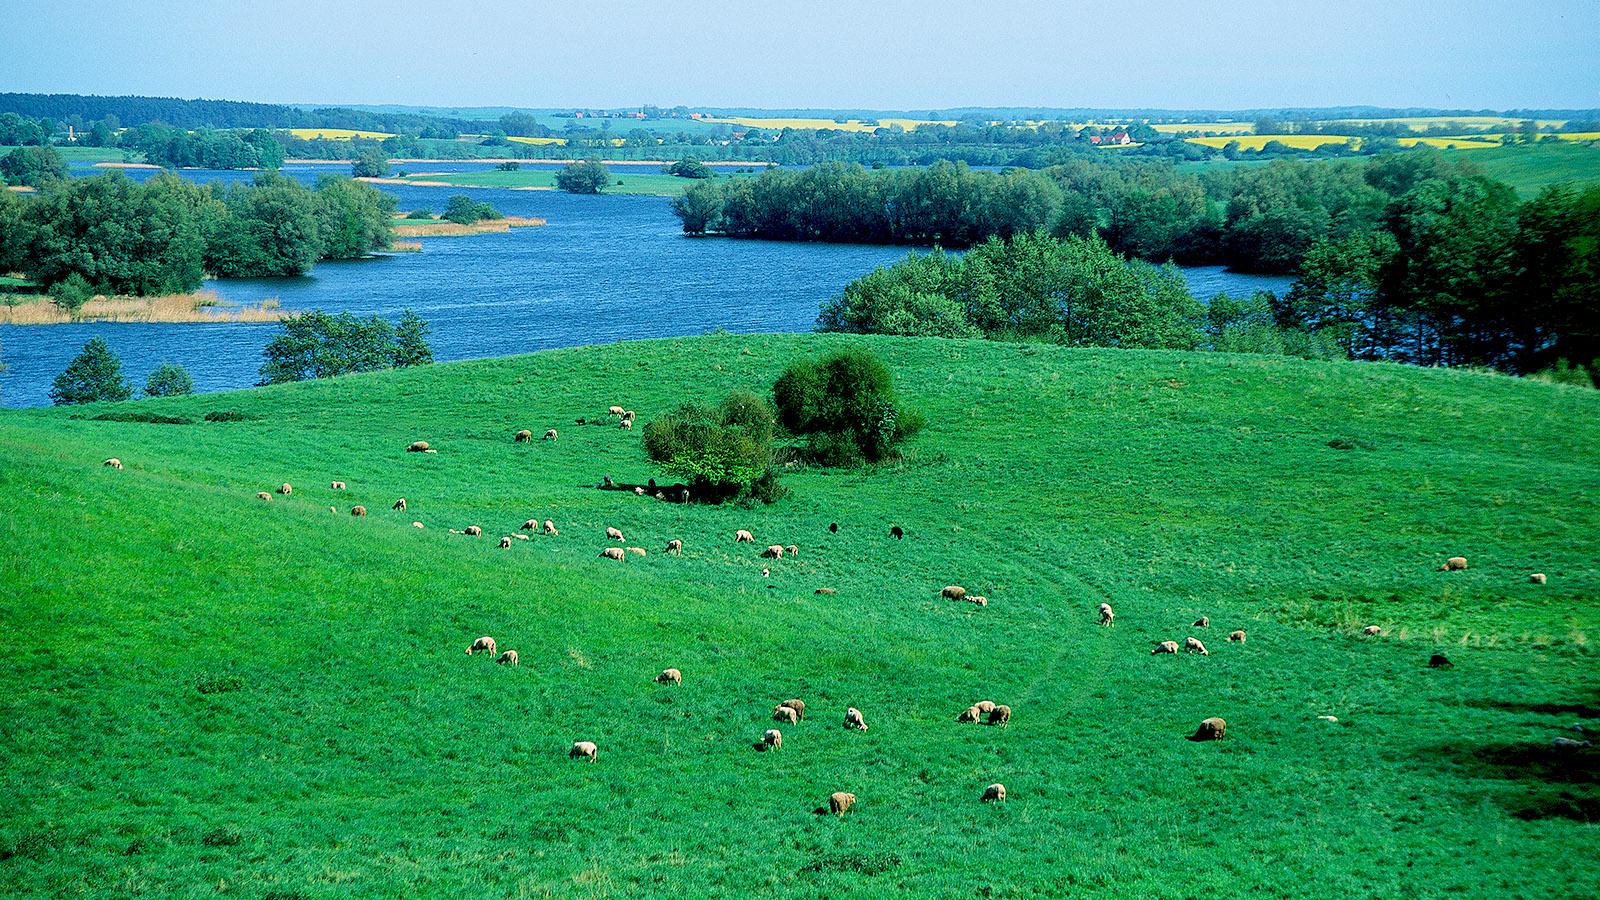 Wldes Mecklenburg, Sanft gewellt mit vielen Seen: die Mecklenburgische Schweiz bei Neuhof. Foto: Hilke Maunder